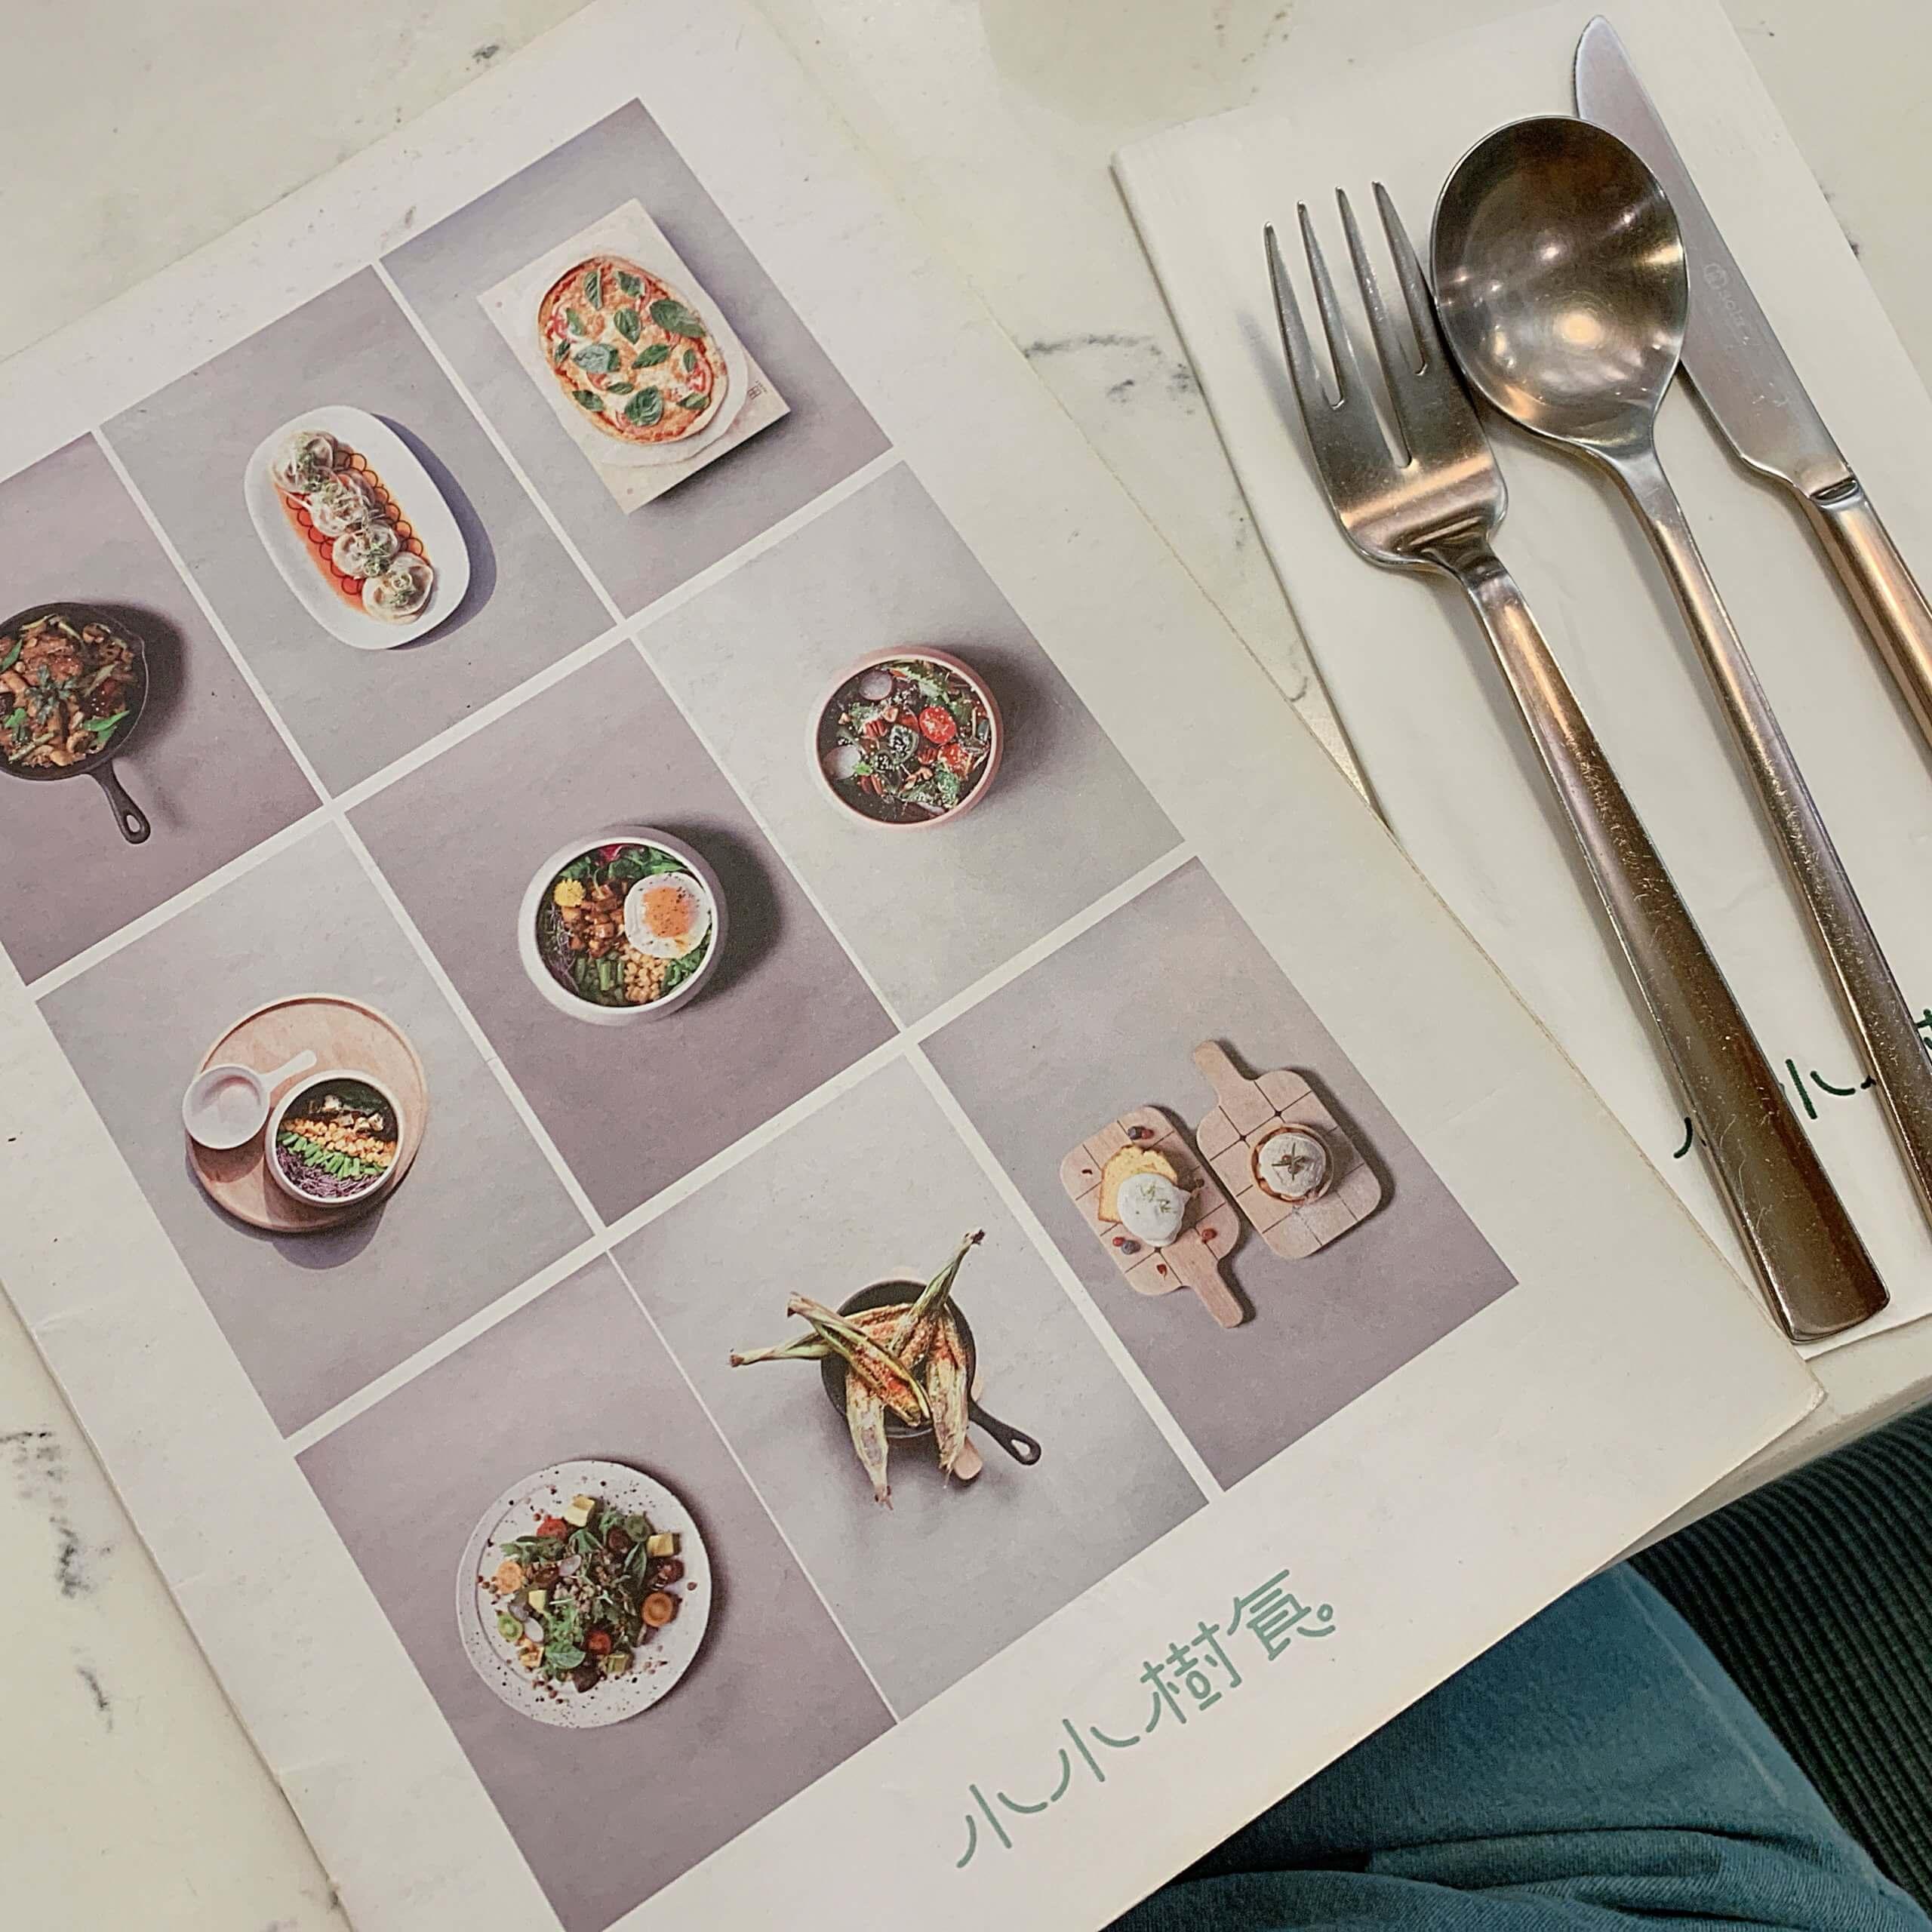 【食記】忠孝復興站|小小樹食—夢幻蔬食店 特色蛋奶素餐點